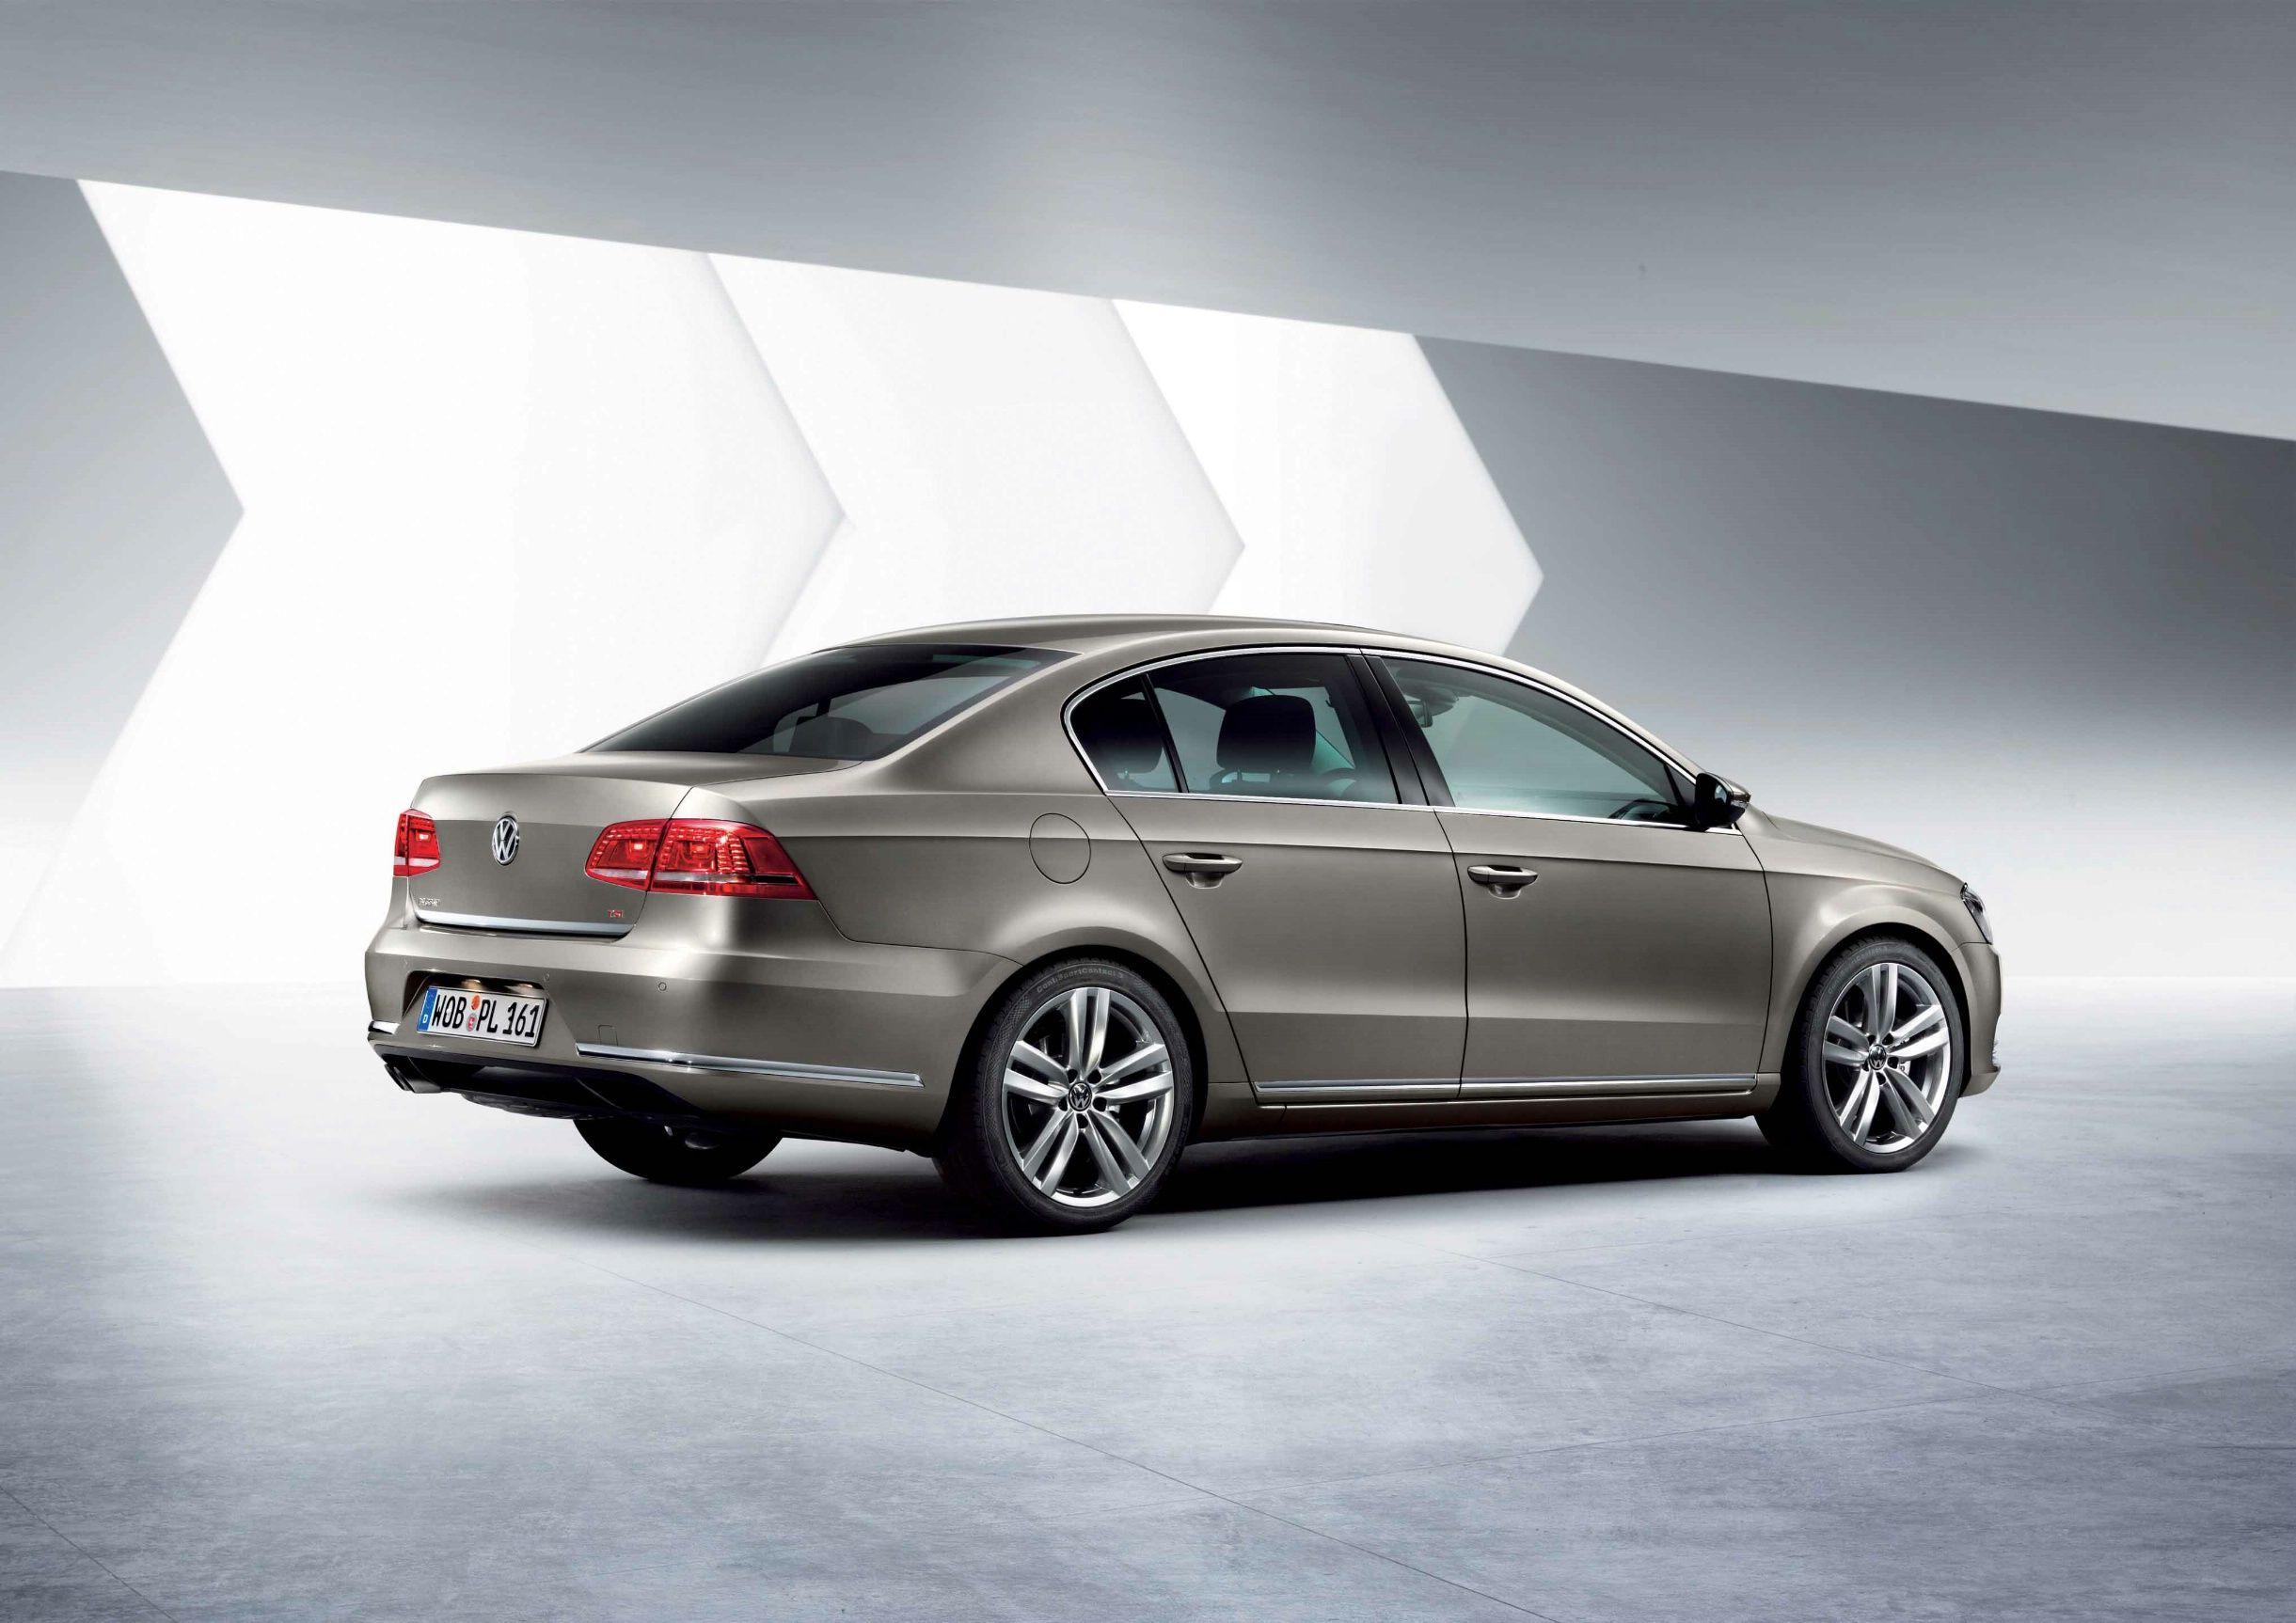 Как удалить шильдик автосалона, не повредив краску VW Passat B7?